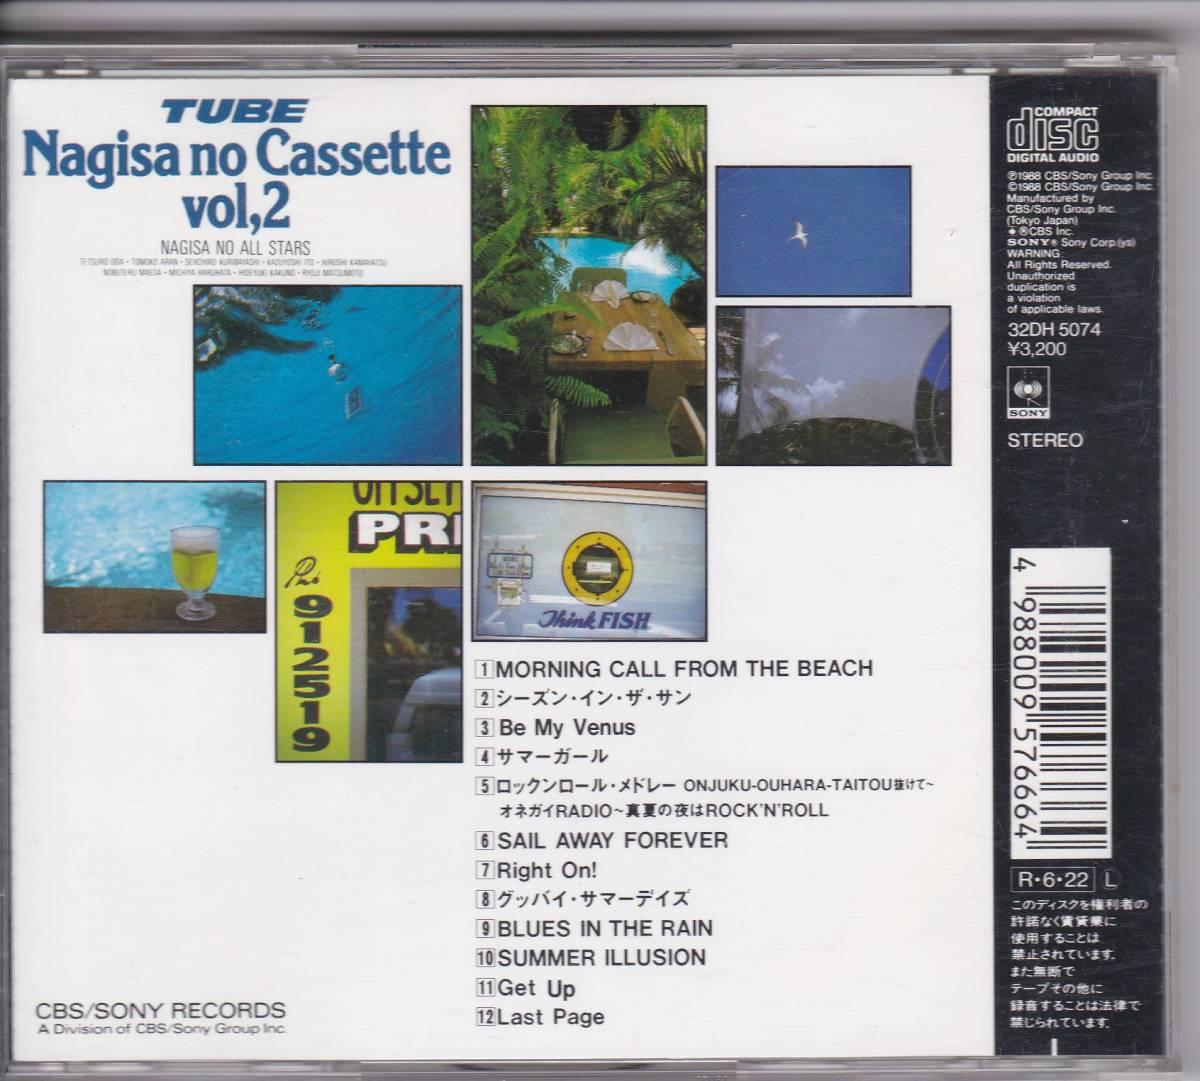 ●チューブ CD 「渚のカセット VOL.2」 渚のオールスターズ(織田哲郎 亜蘭知子 栗林誠一郎 伊藤一義 かまやつひろし)_画像2